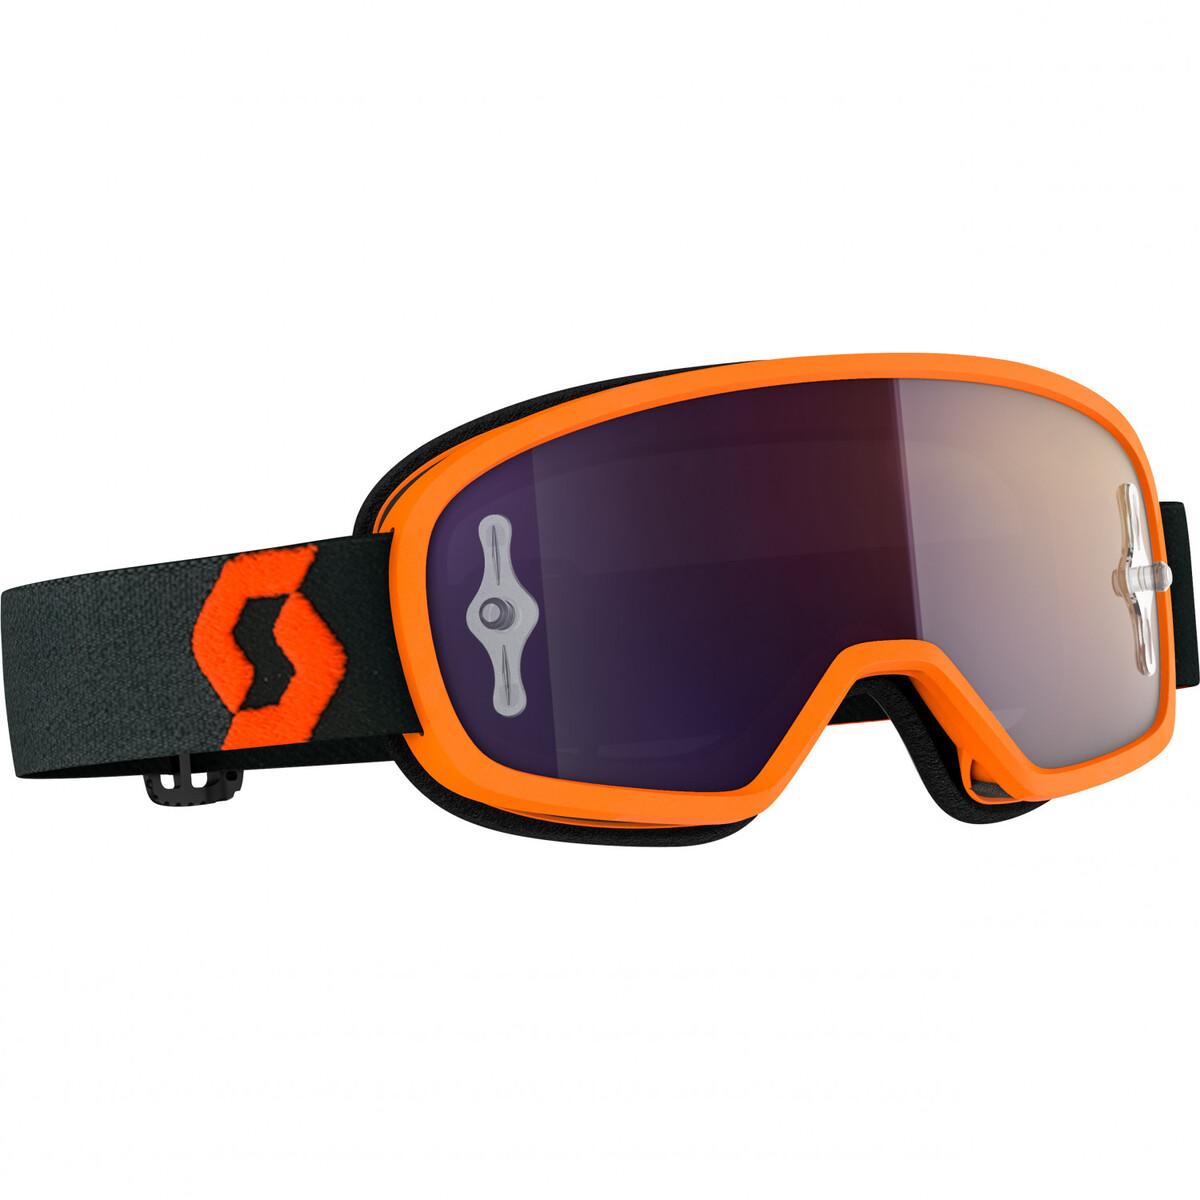 Bild 1 von Scott Buzz Pro Kinder Crossbrille orange